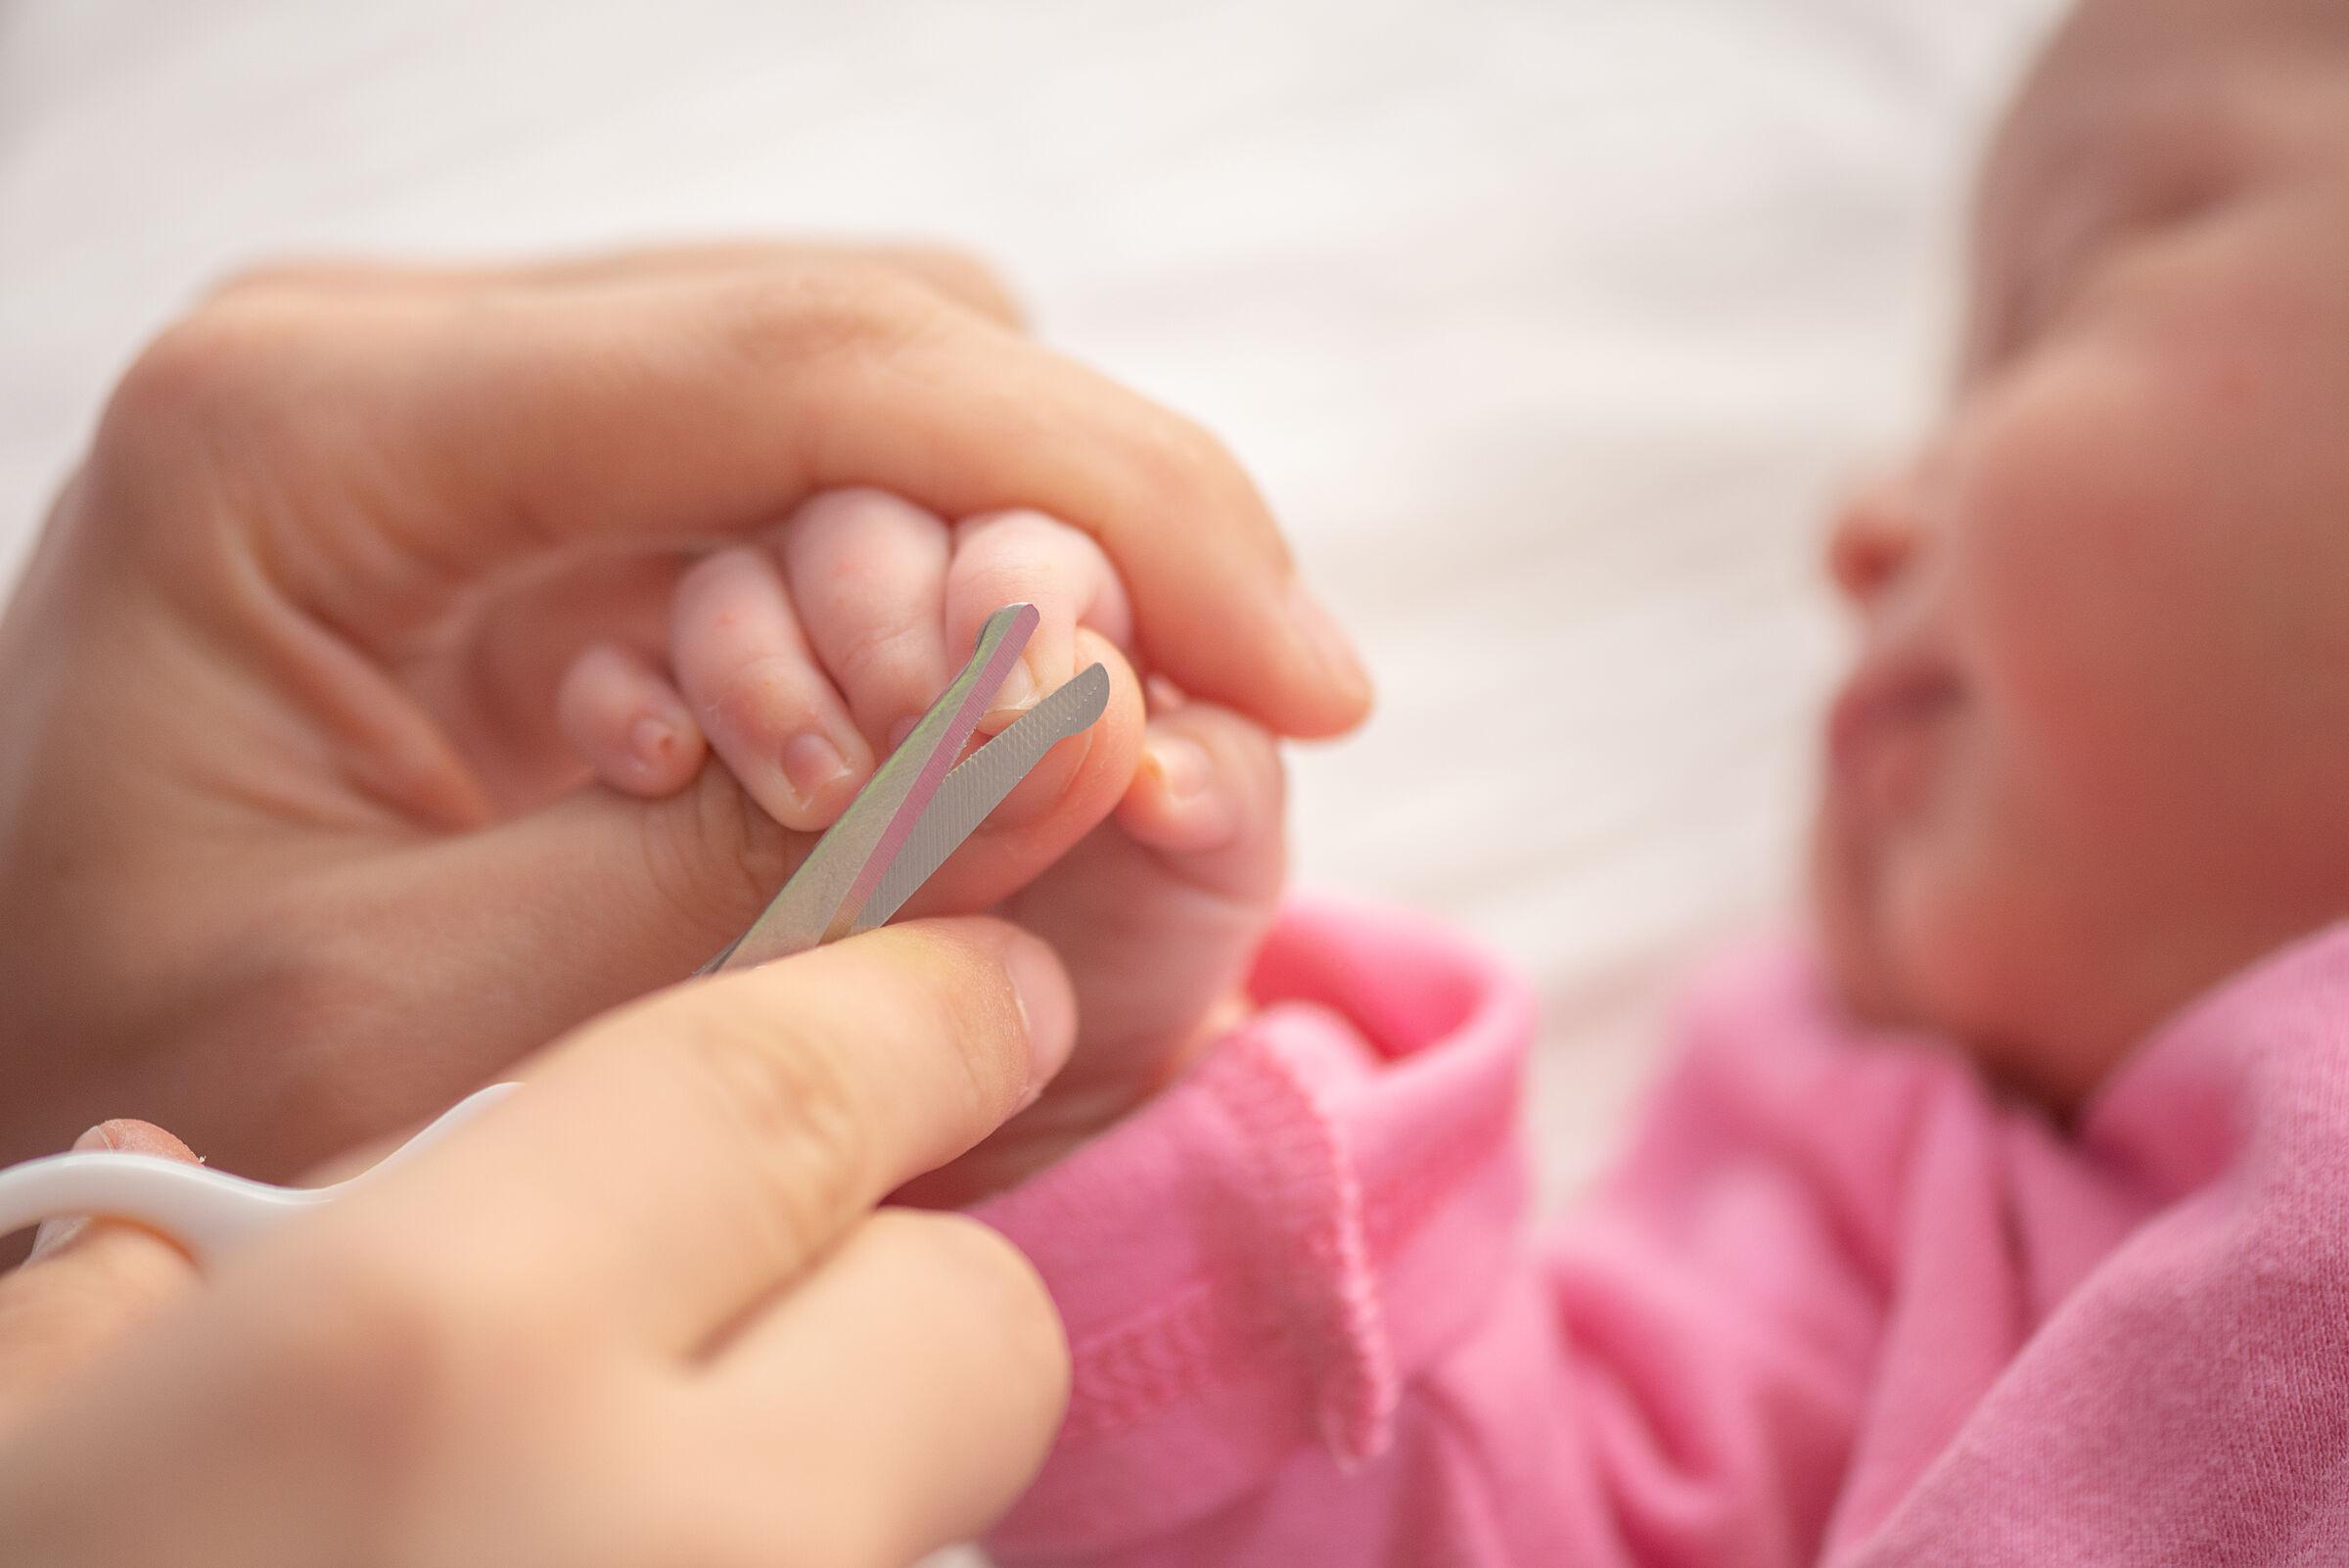 Mãe-corta-unha-da-filha-recem-nascida-enquanto-ela-dorme